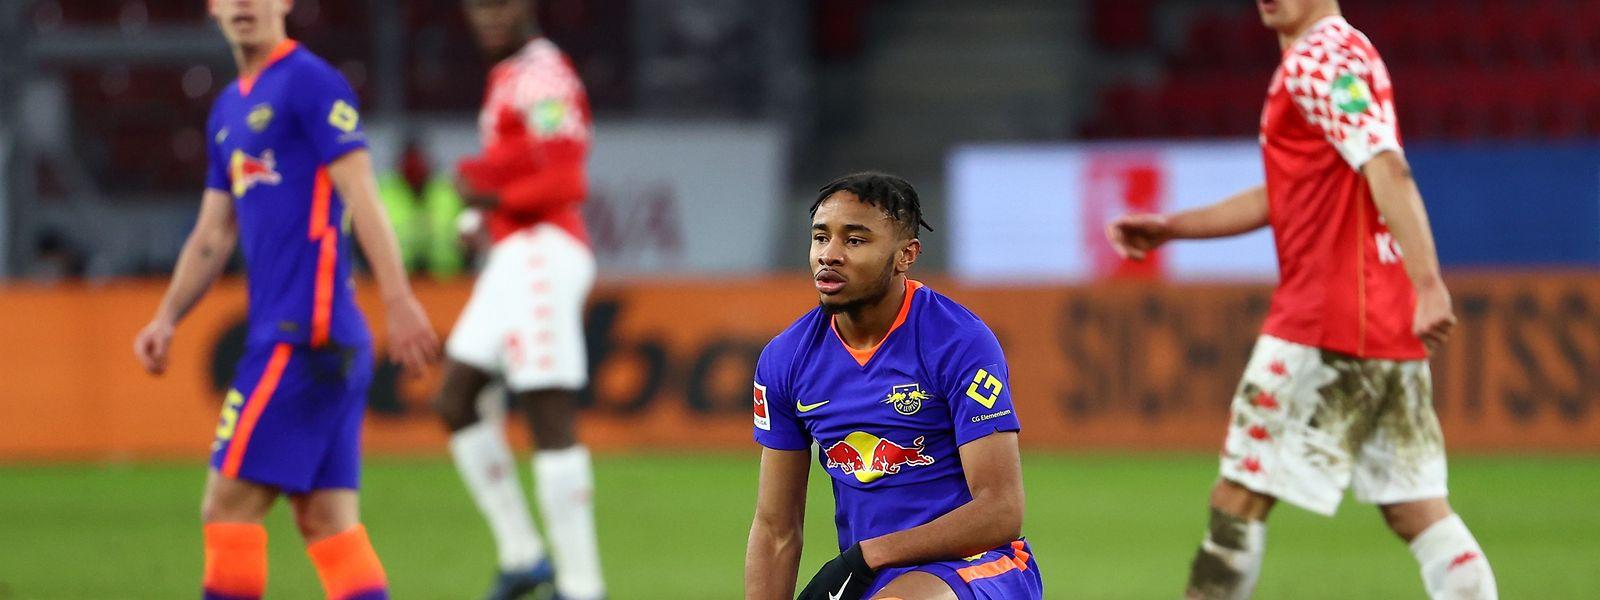 Christopher Nkunku (Leipzig) ist nach der Niederlage gegen Mainz sichtlich enttäuscht.